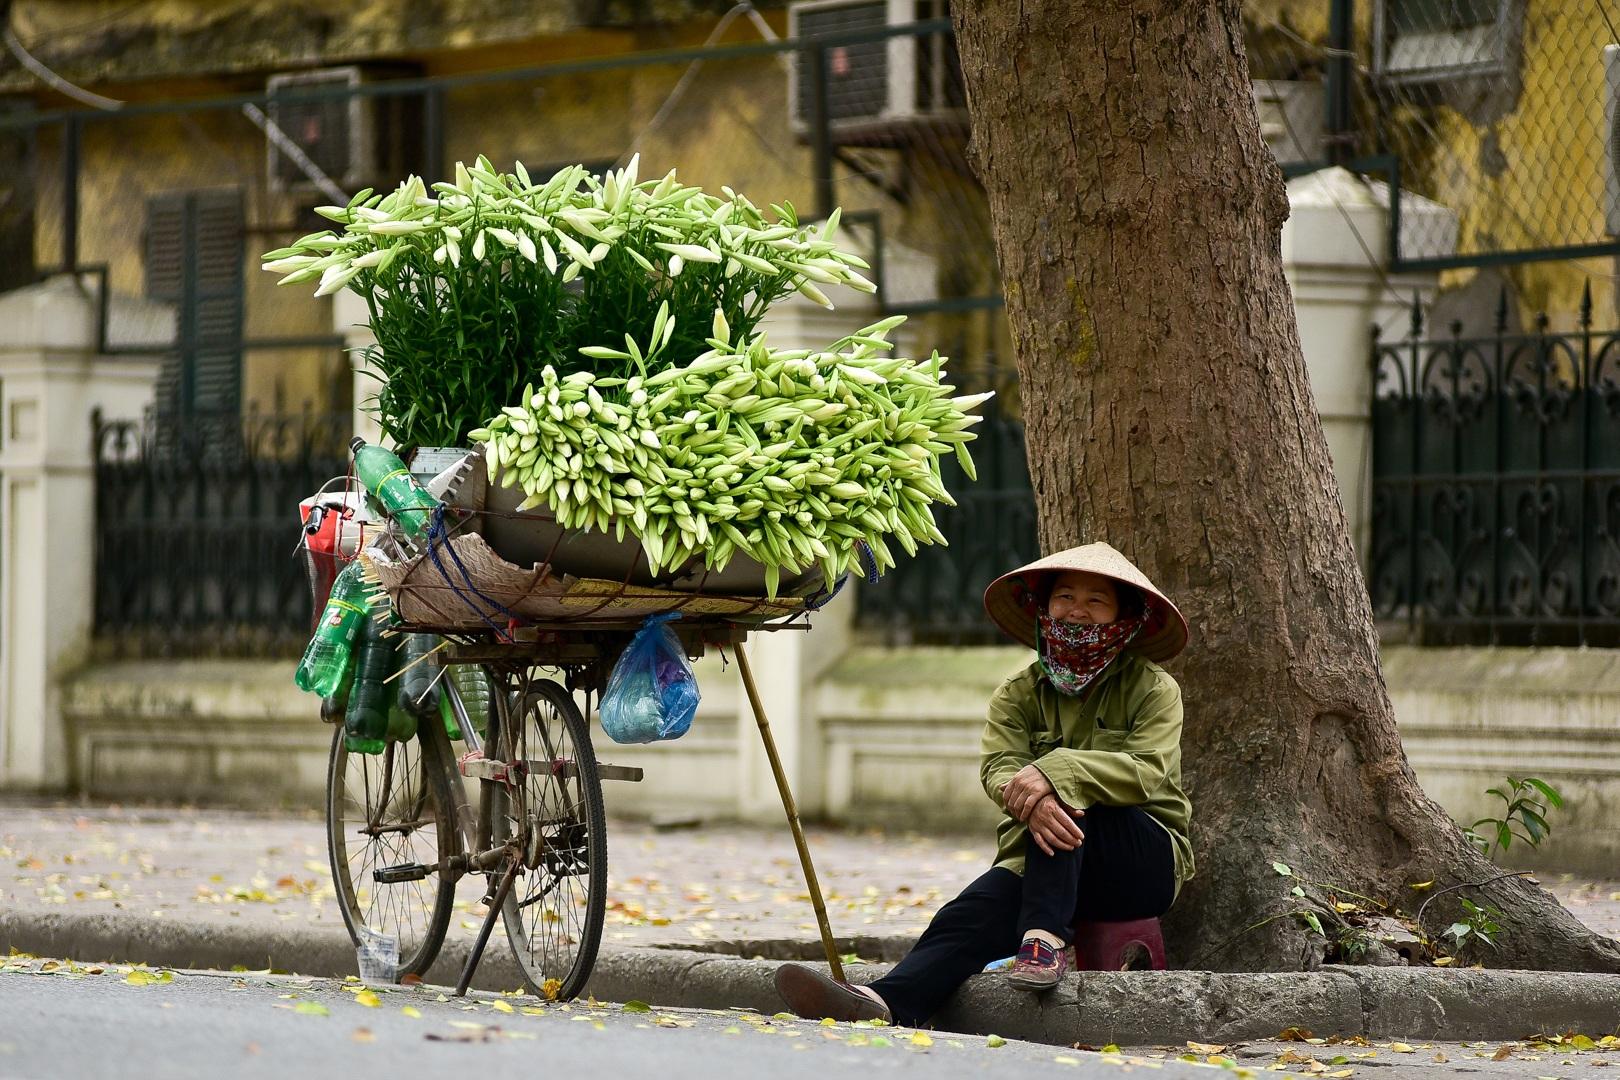 Tháng tư về, hoa loa kèn tinh khôi xuống phố Hà Nội - 8